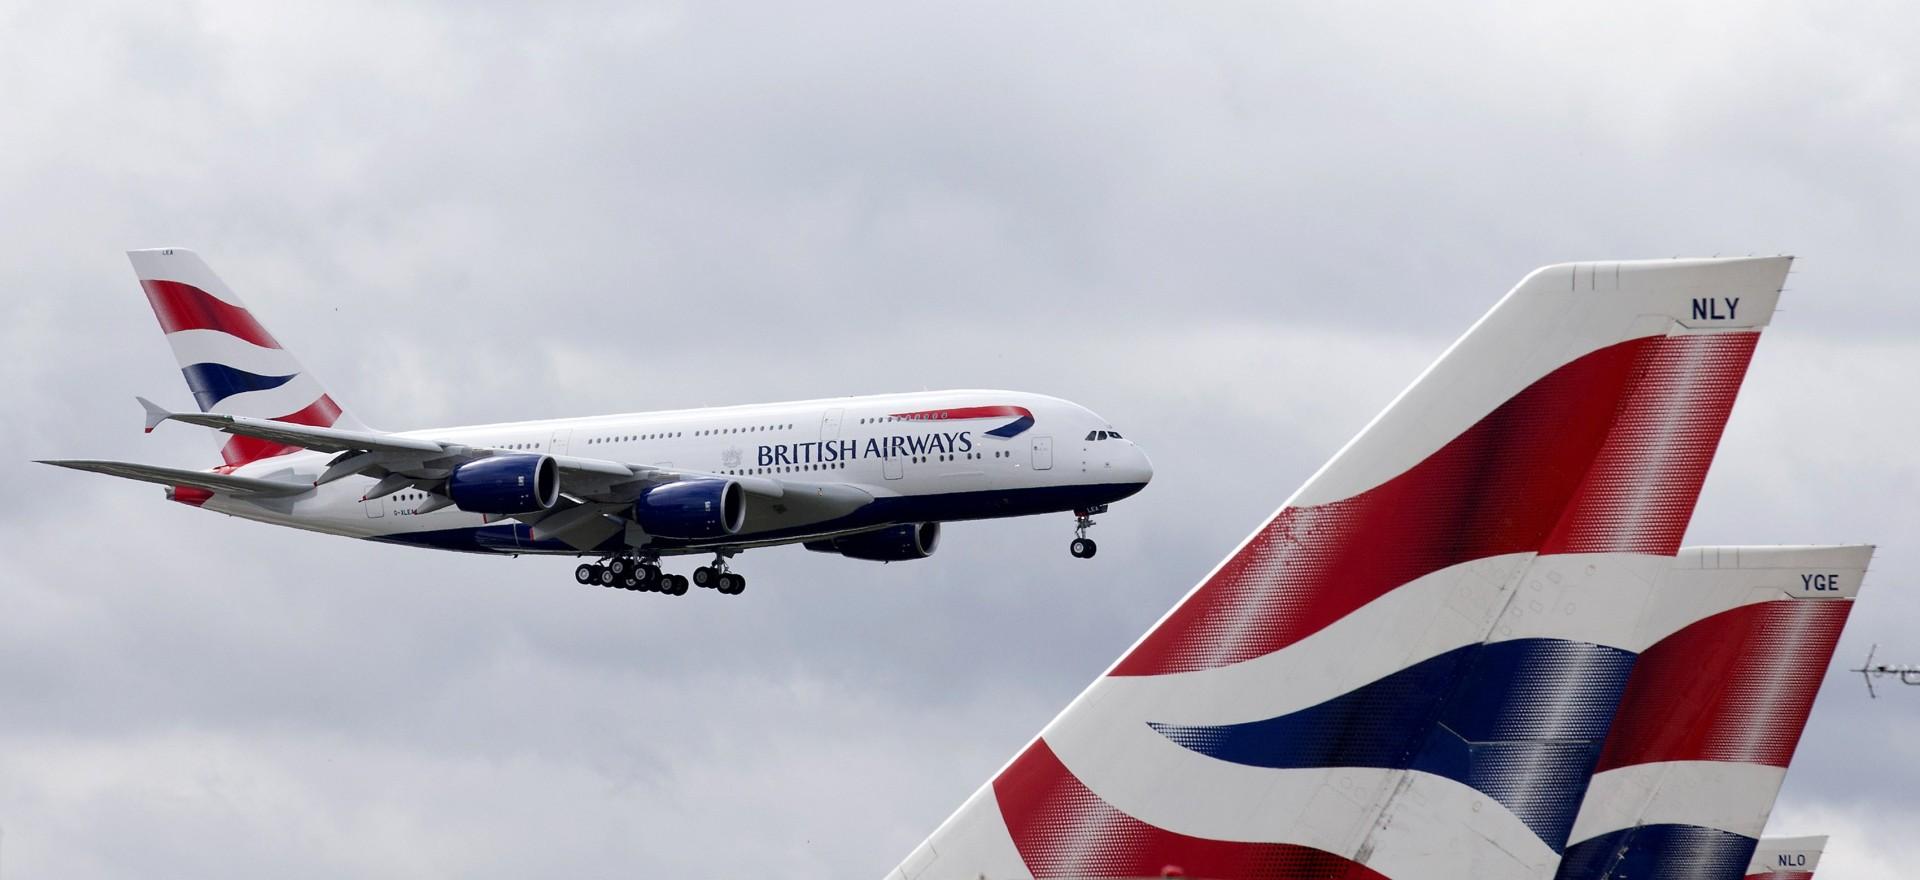 1974 British Airways bombing attempt